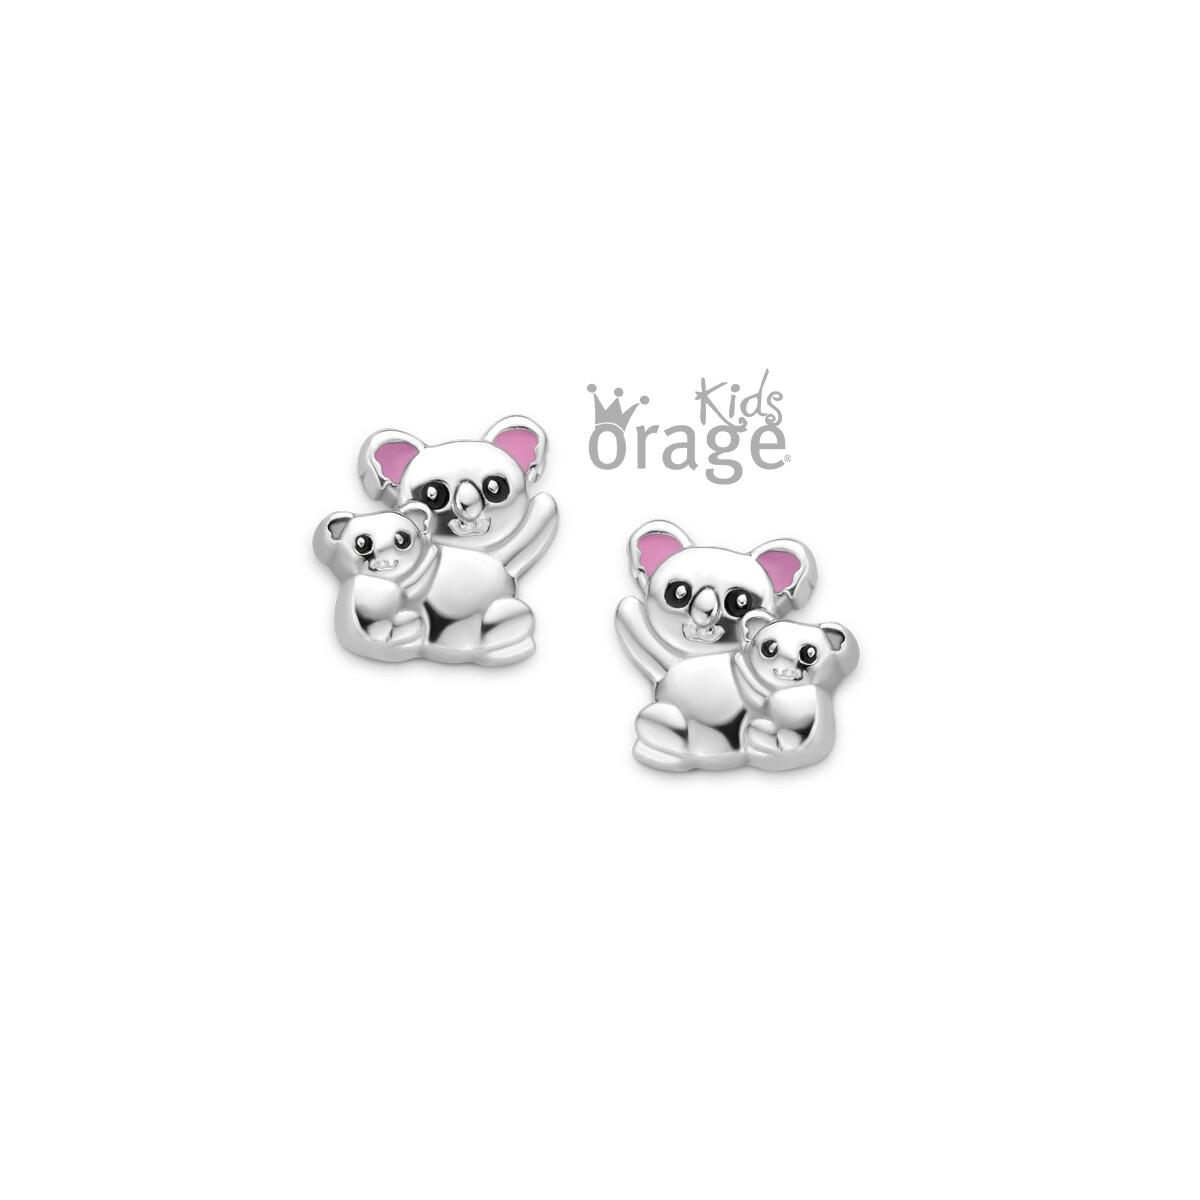 Boucles d'oreilles Orage Kids K1824